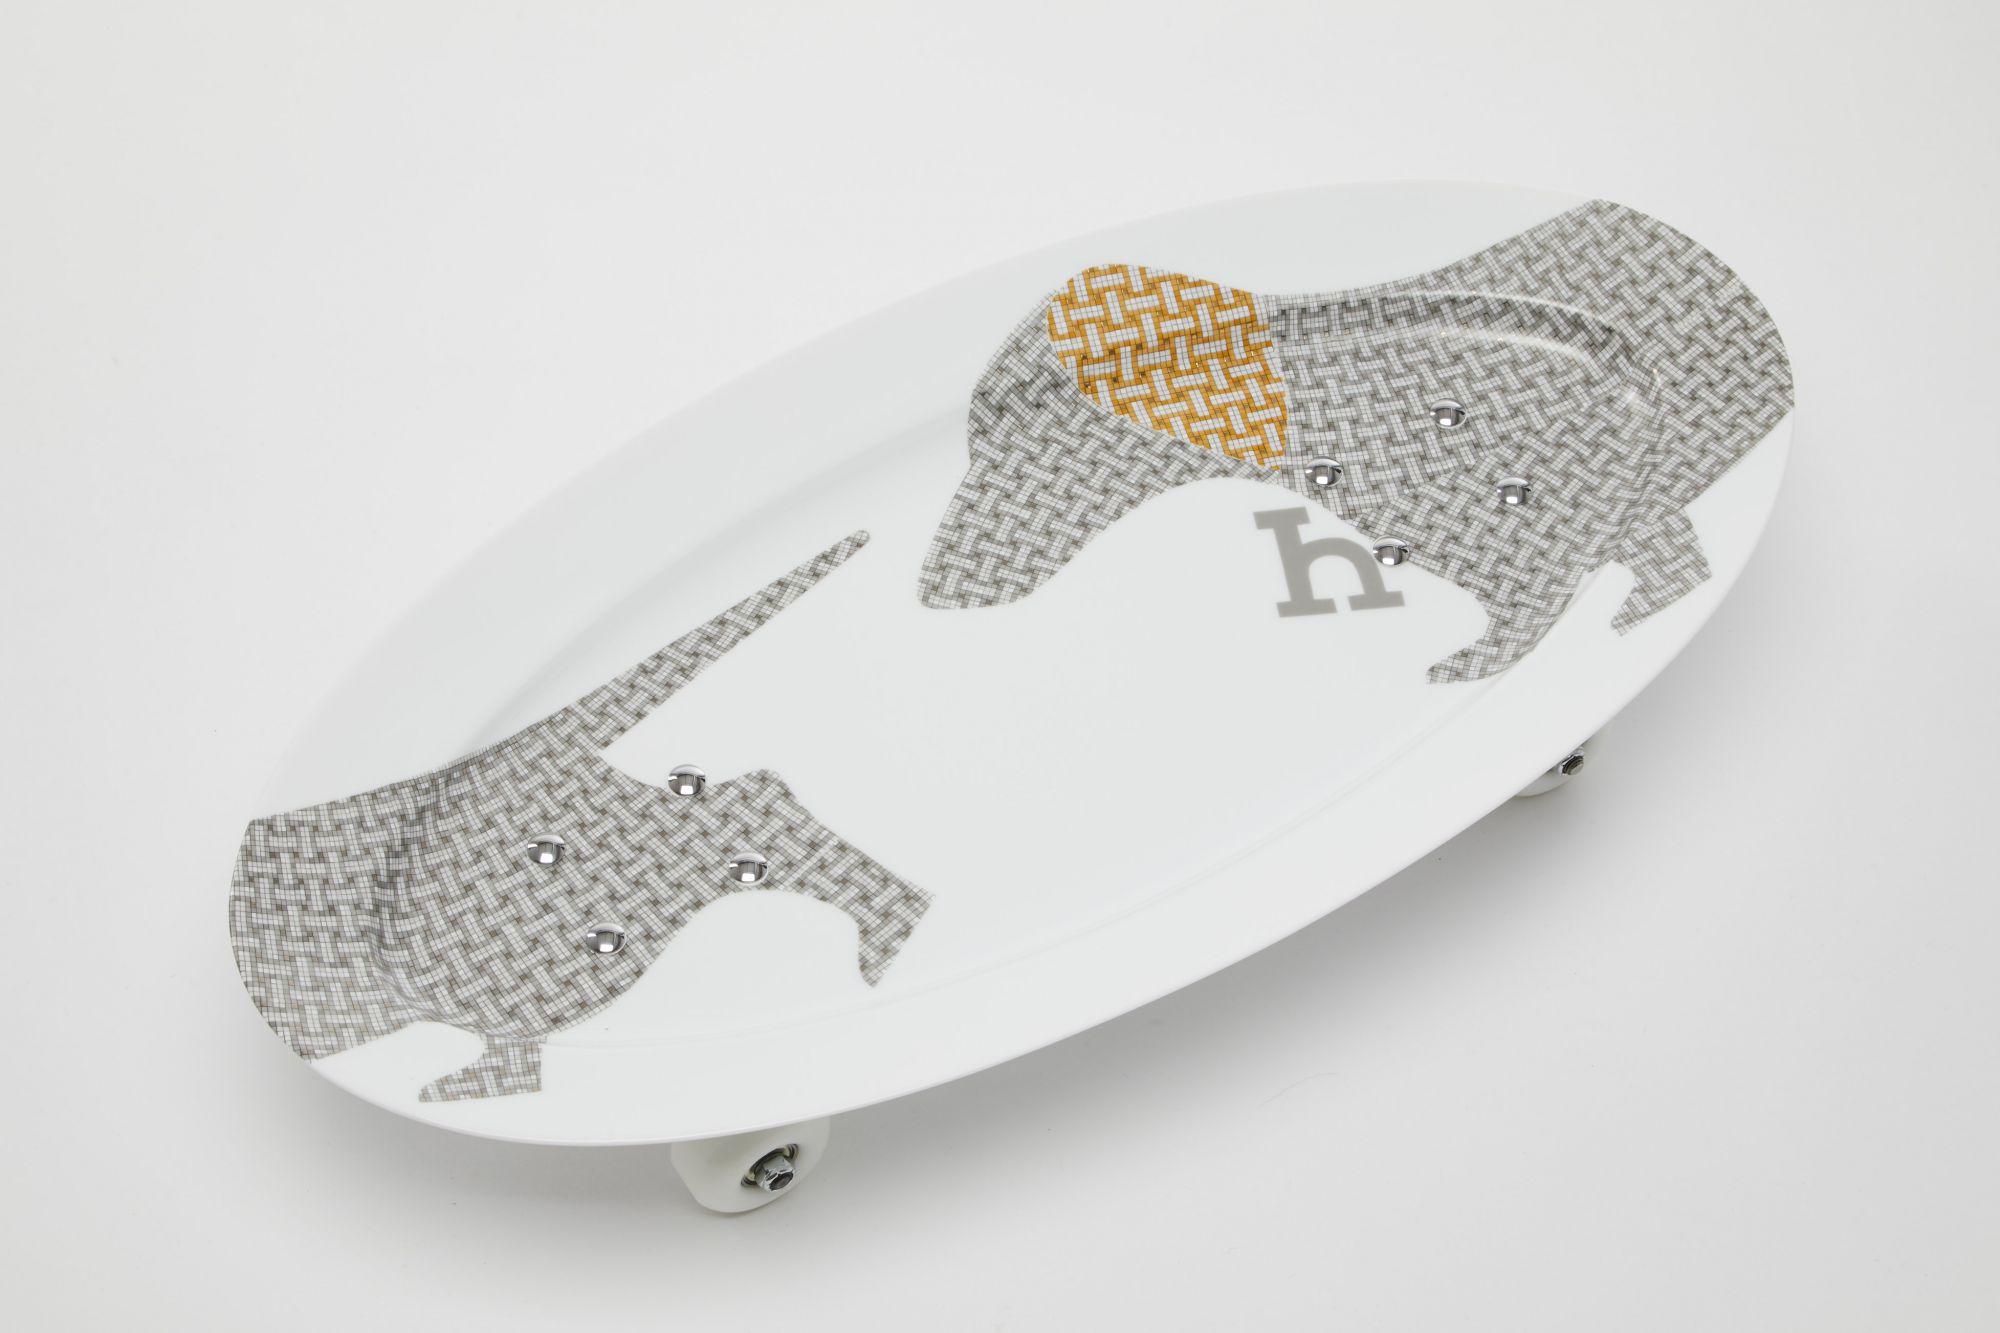 滑板造型裝飾瓷盤_NT$ 151,200起 (依商品實際材質而定).jpg